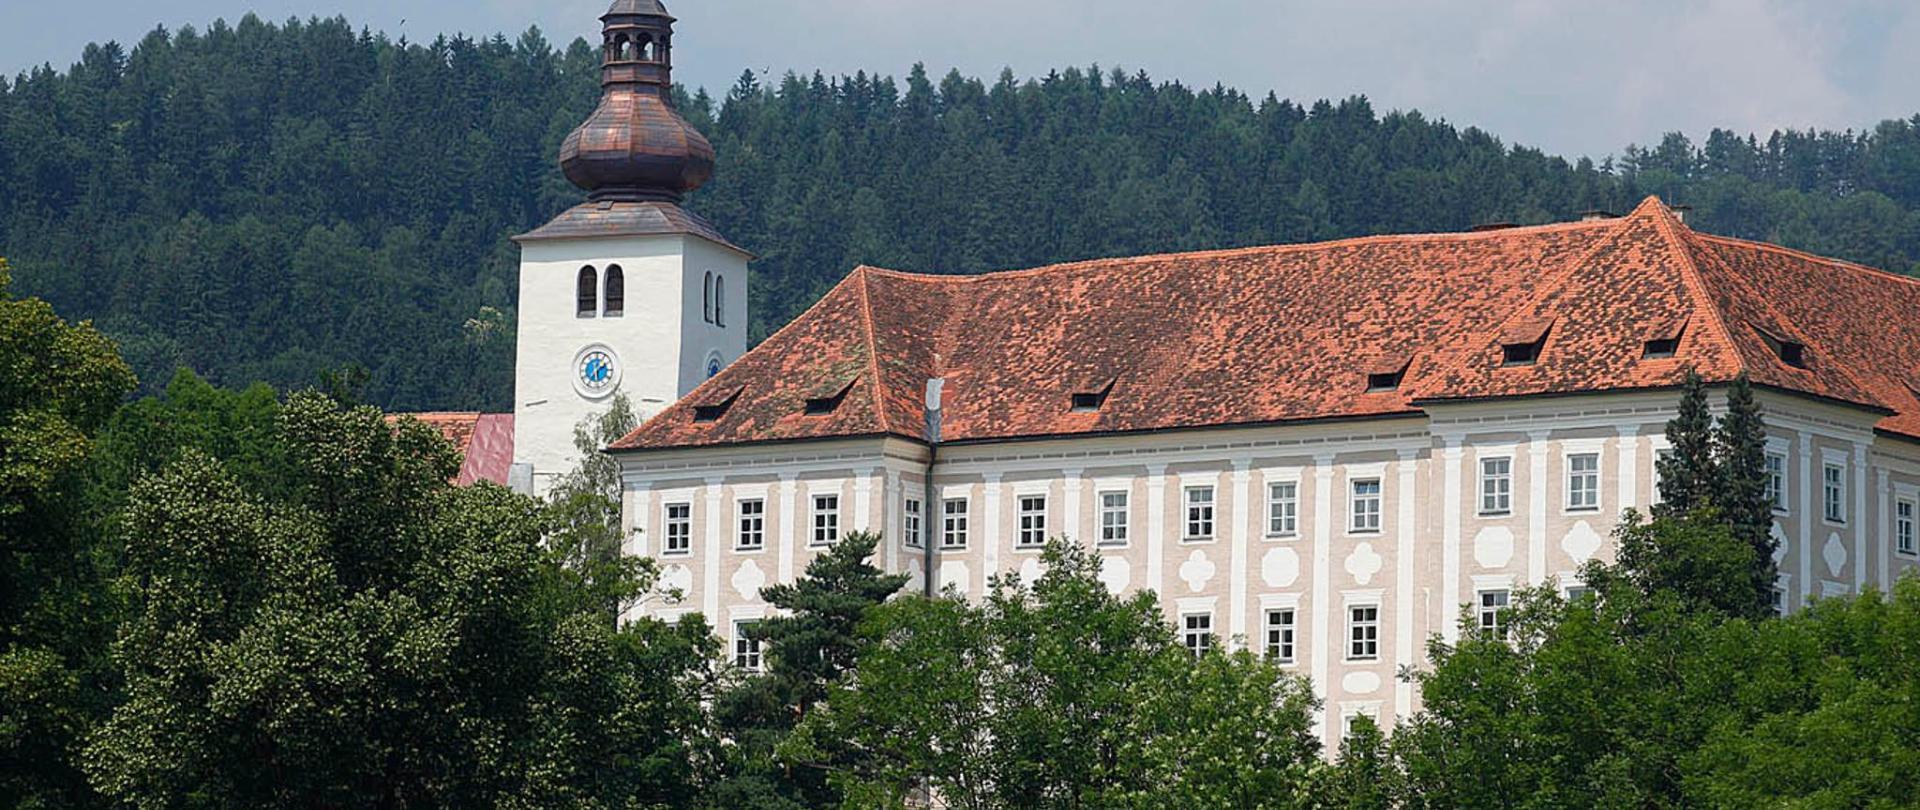 Schloss_Kirche_Piber_ (c) Enrico Caracciolo.jpg